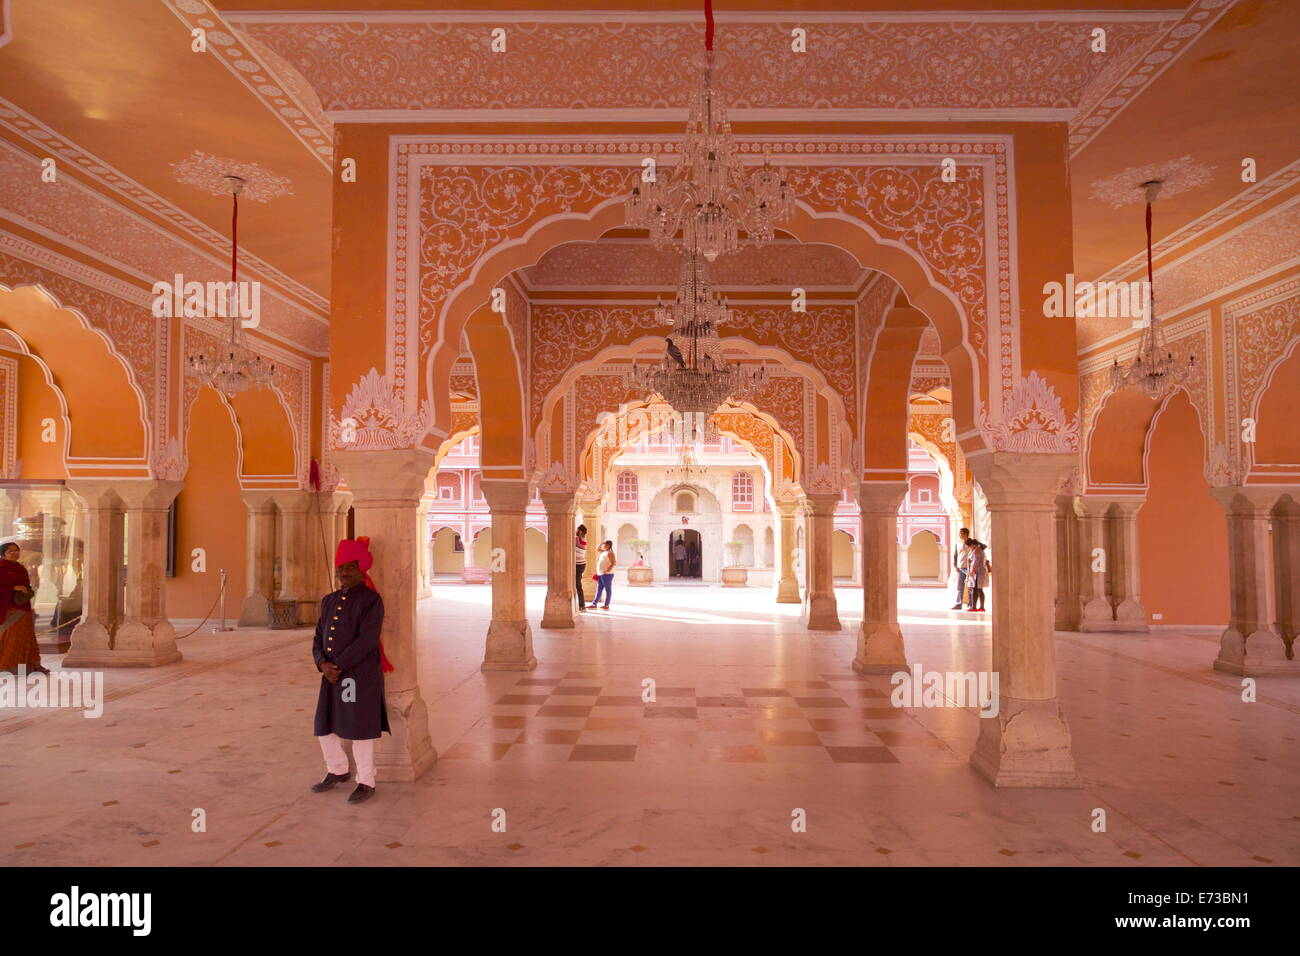 Halle für öffentliche Publikum (Diwan-e-Khas), Stadtschloss, Jaipur, Rajasthan, Indien, Asien Stockbild